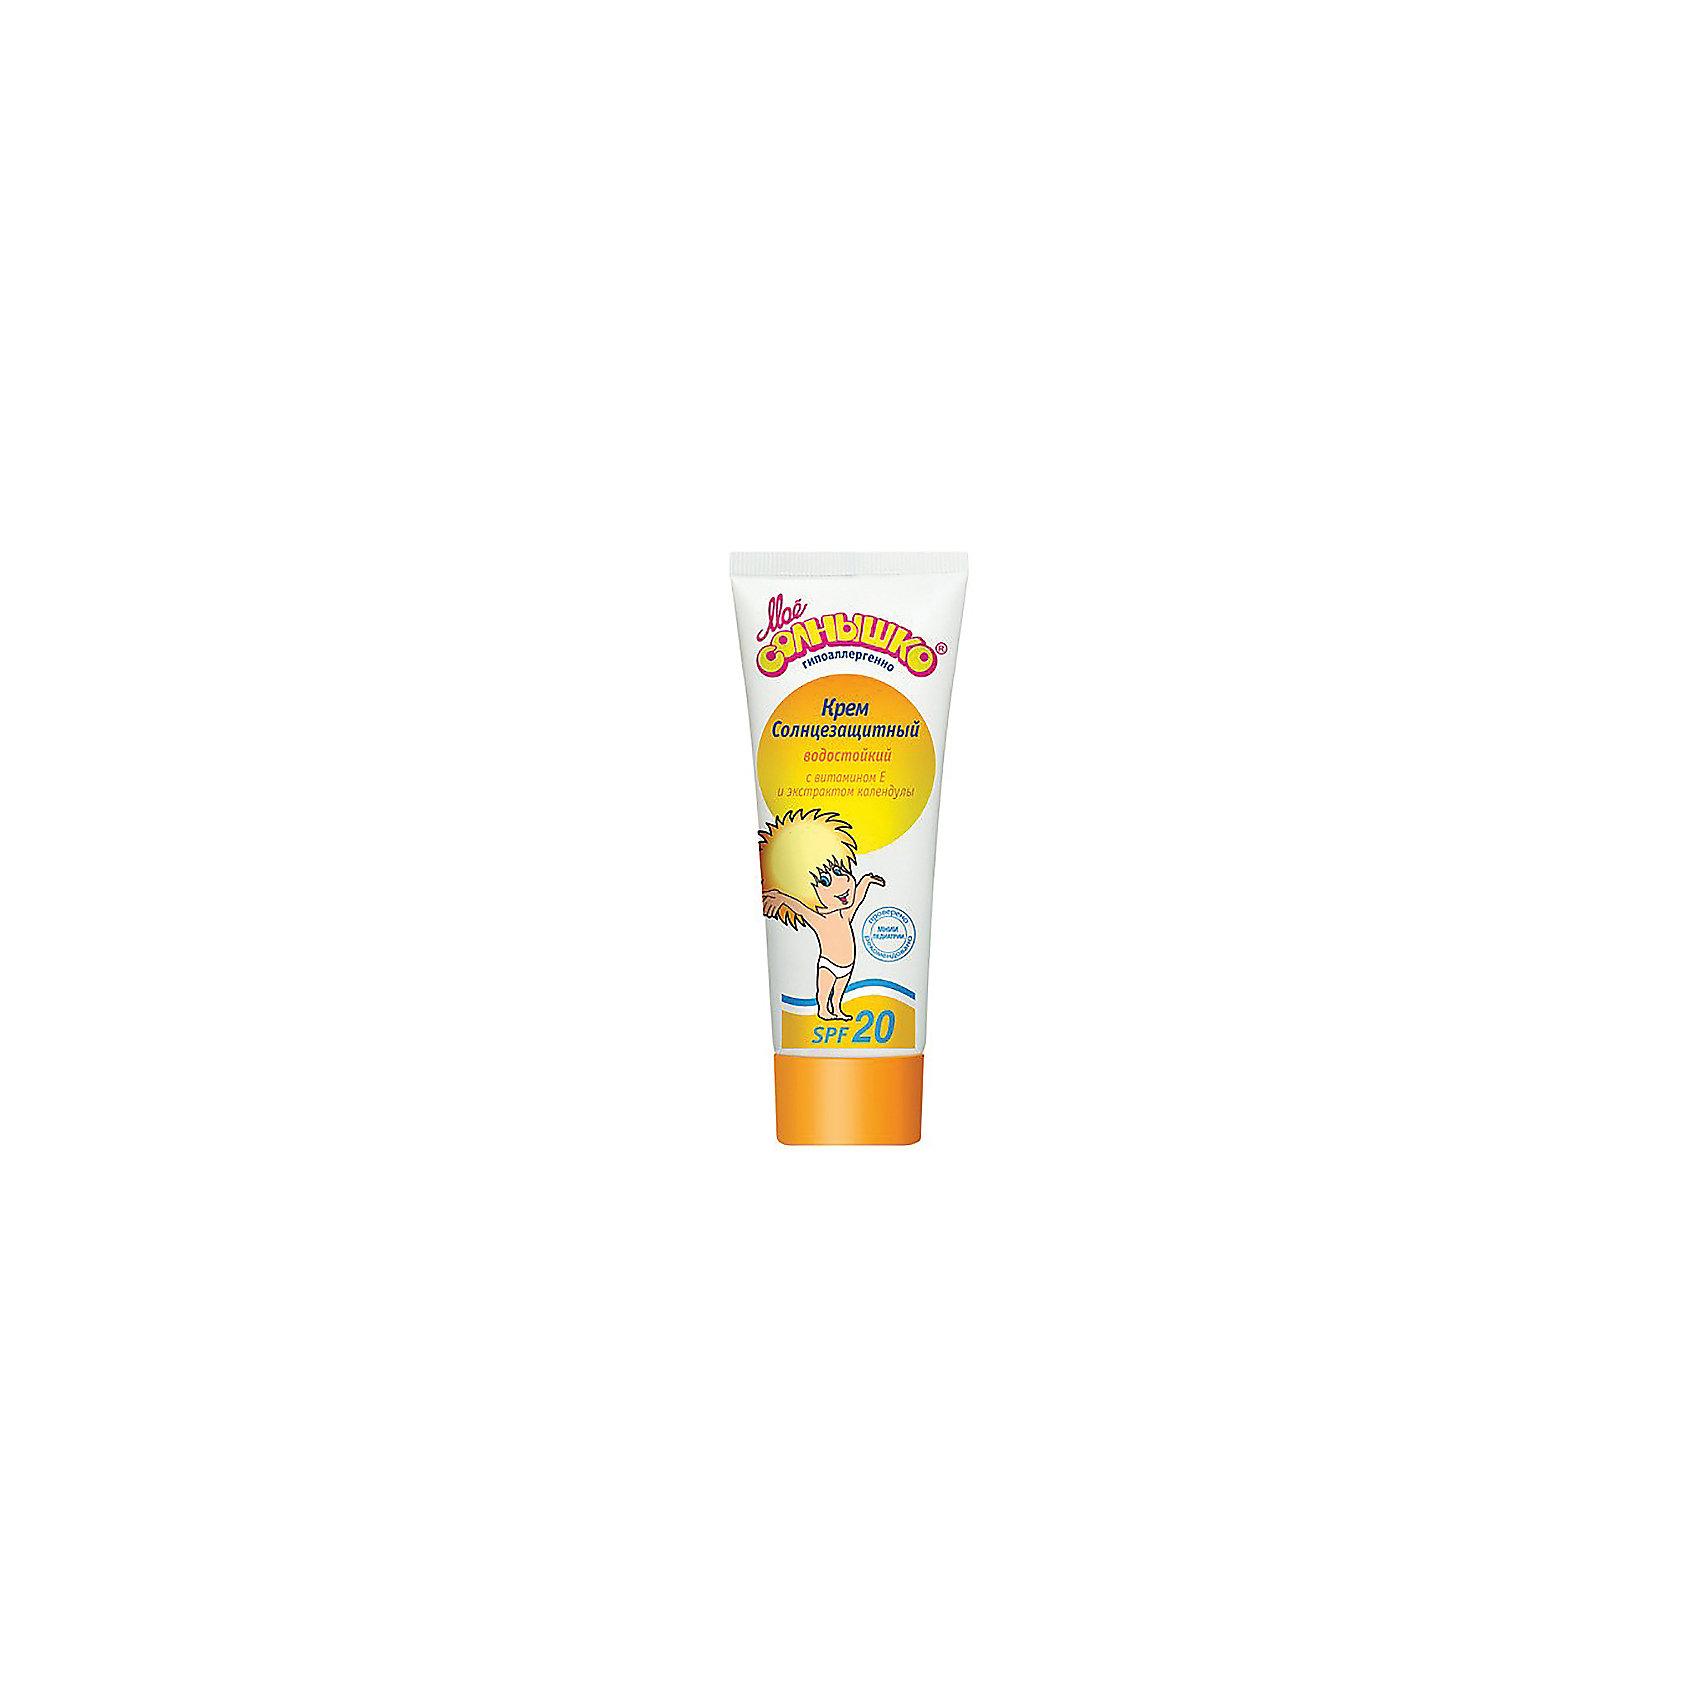 Солнцезащитный крем SPF +20, 75мл, Моё солнышкоКрем детский солнцезащитный SPF 20 (высокая степень защиты) специально разработан для надежной защиты детской кожи от солнца, в том числе от солнечных ожогов. Содержит безопасные для кожи малыша фильтры, которые в комбинации с витамином Е и экстрактом календулы обеспечивают длительную защиту от широкого спектра UVA/UVB излучения. Интенсивно смягчает кожу, предохраняет ее от пересушивания, воспаления и препятствует потере влаги, благодаря активному увлажняющему комплексу.<br><br>Ширина мм: 55<br>Глубина мм: 30<br>Высота мм: 135<br>Вес г: 85<br>Возраст от месяцев: 3<br>Возраст до месяцев: 36<br>Пол: Унисекс<br>Возраст: Детский<br>SKU: 4124465